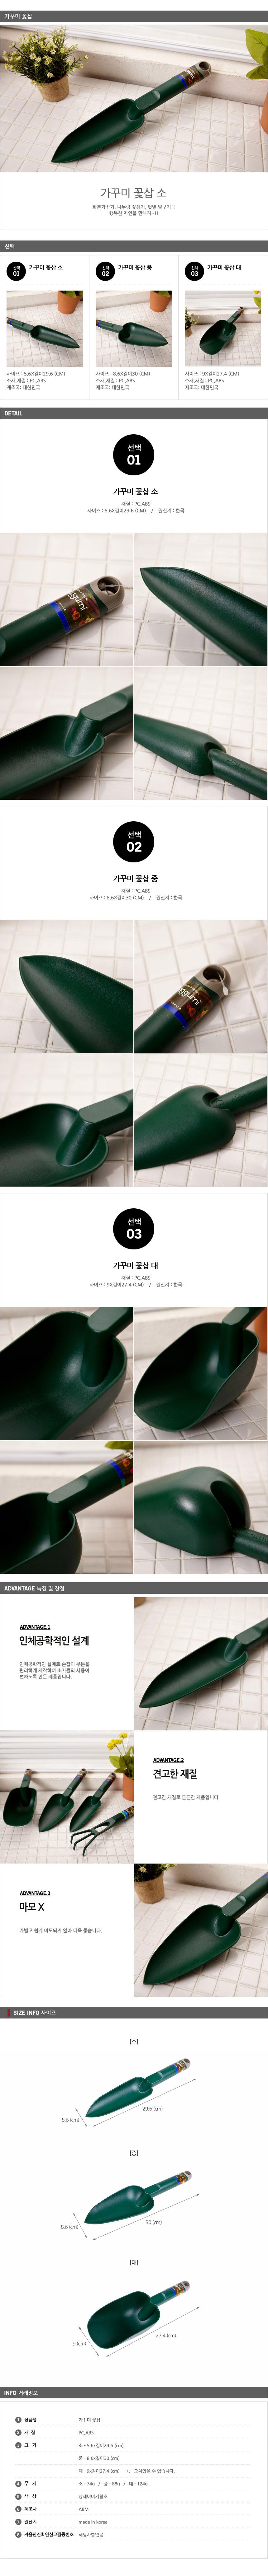 베하.가꾸미 꽃삽 (소)/이식삽/원예용품/텃밭/모종삽